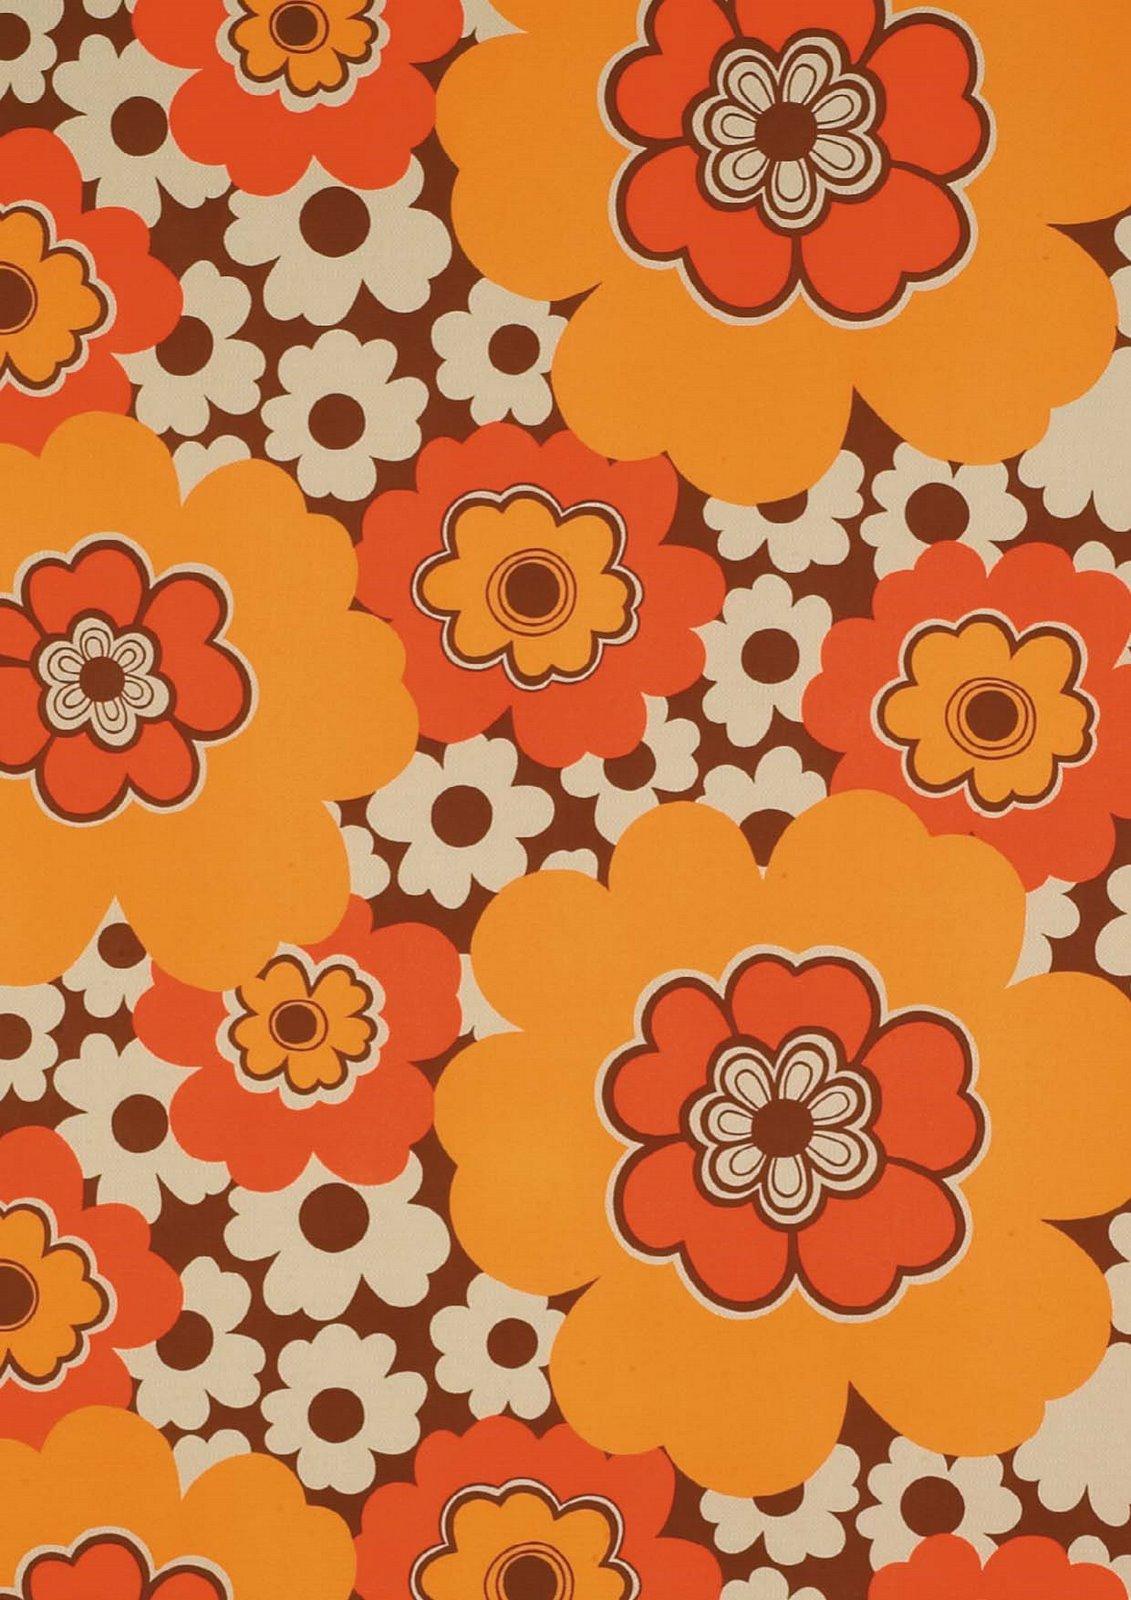 Papier peint vinyle sur intissé INSPIRE Uni, brun taupe n°5  - Papier Peint Intissé Taupe